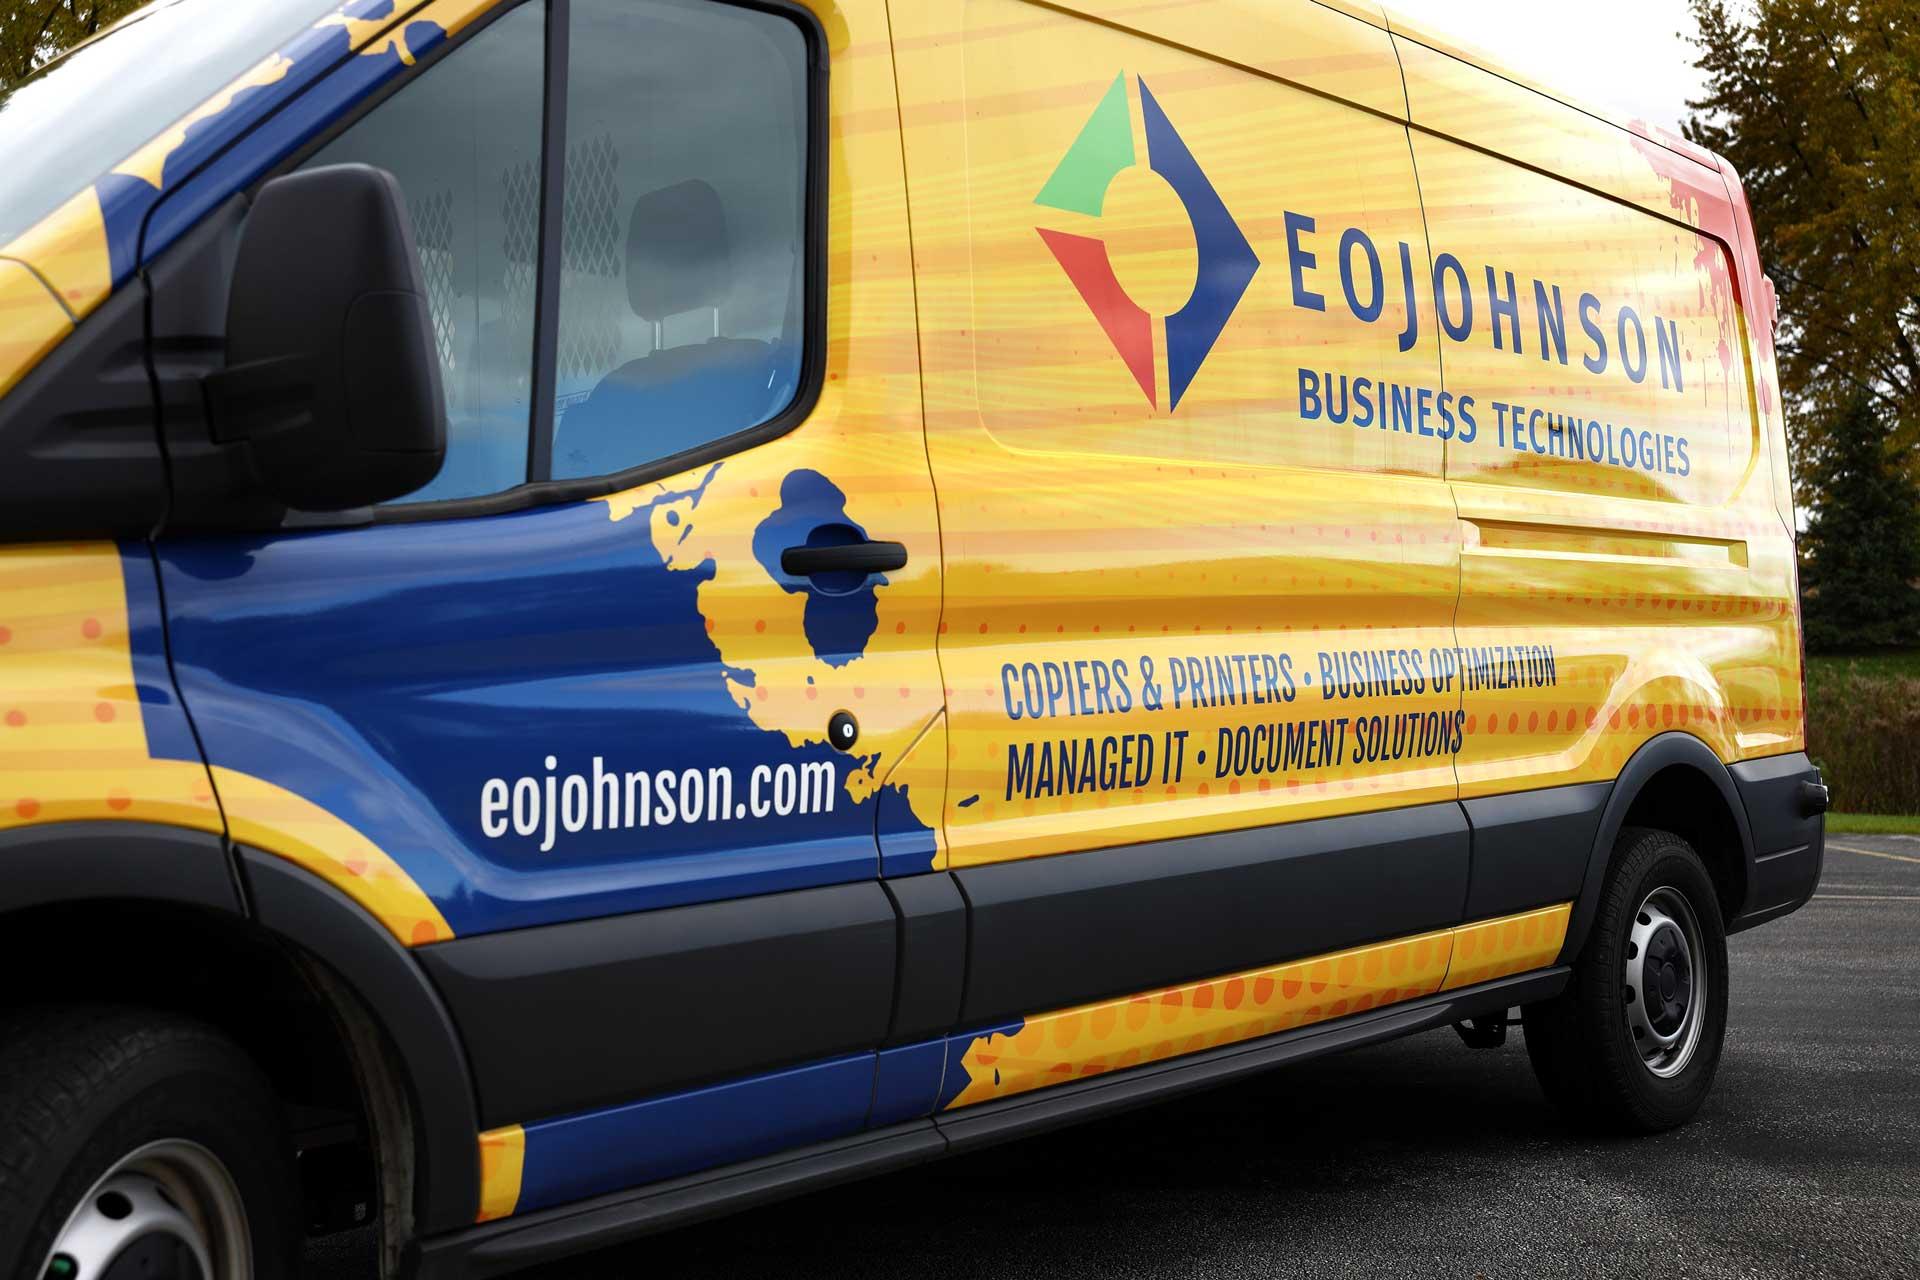 eo_johnson_service_van